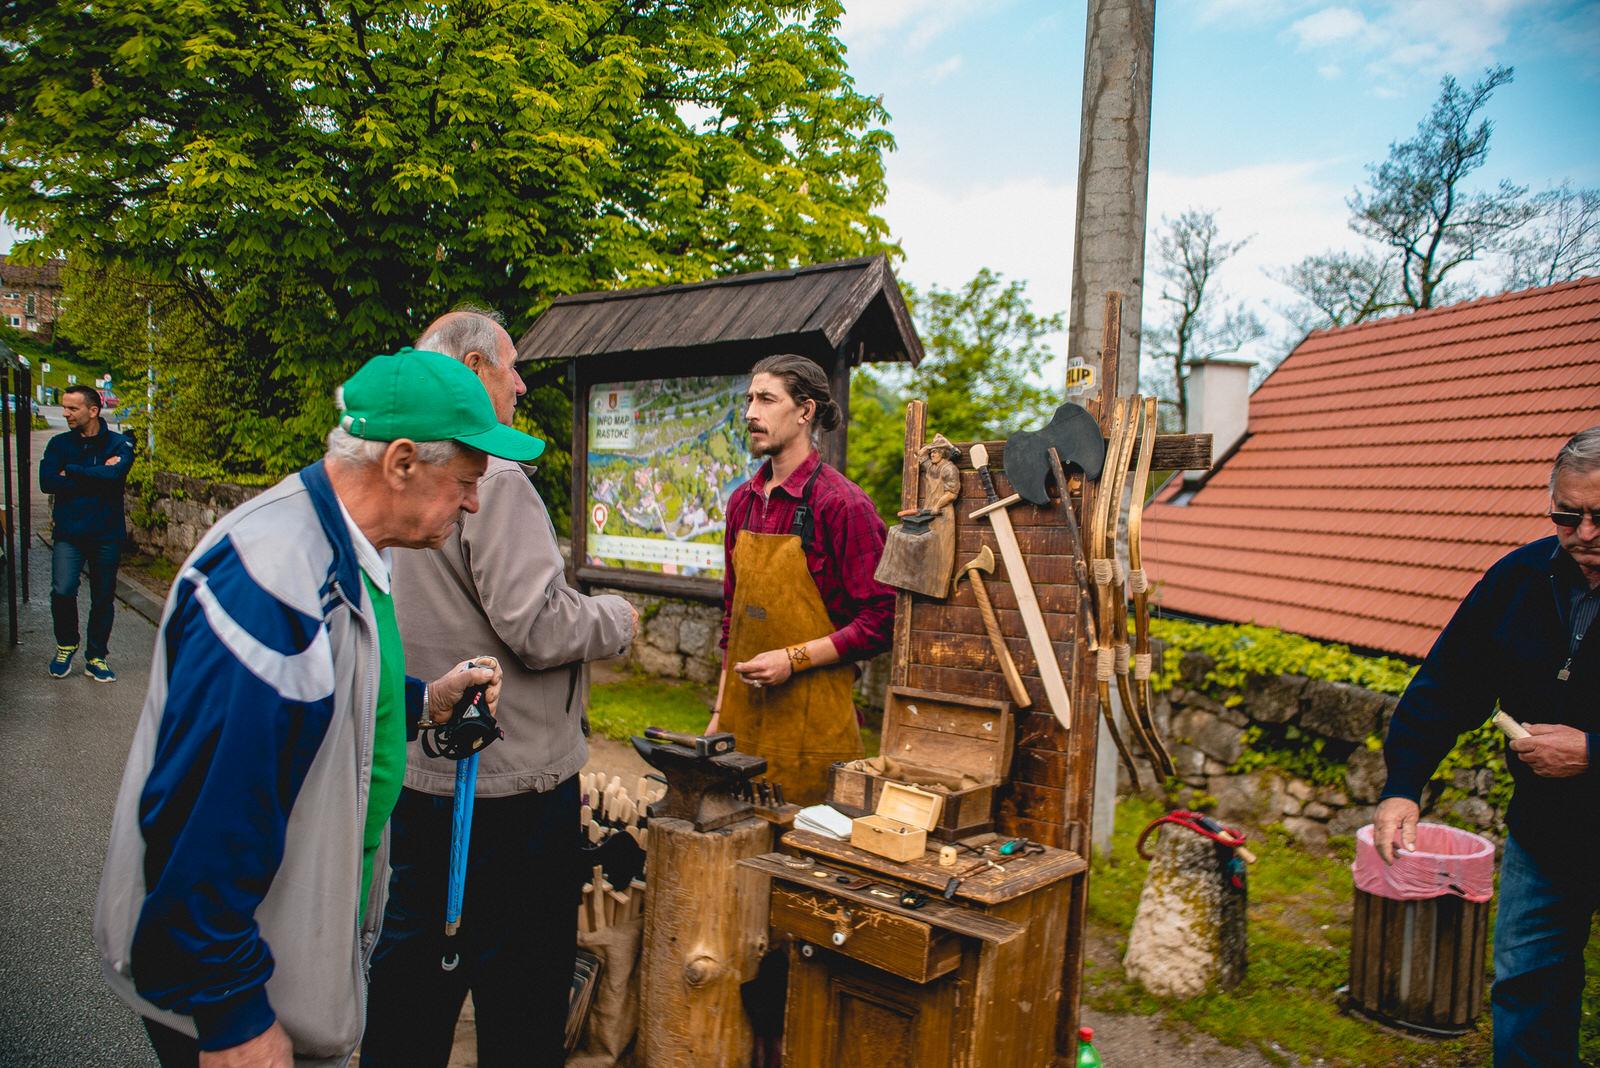 likaclub_slunj_rastoke_5-festival-nordijskog-hodanja_2019-19-1